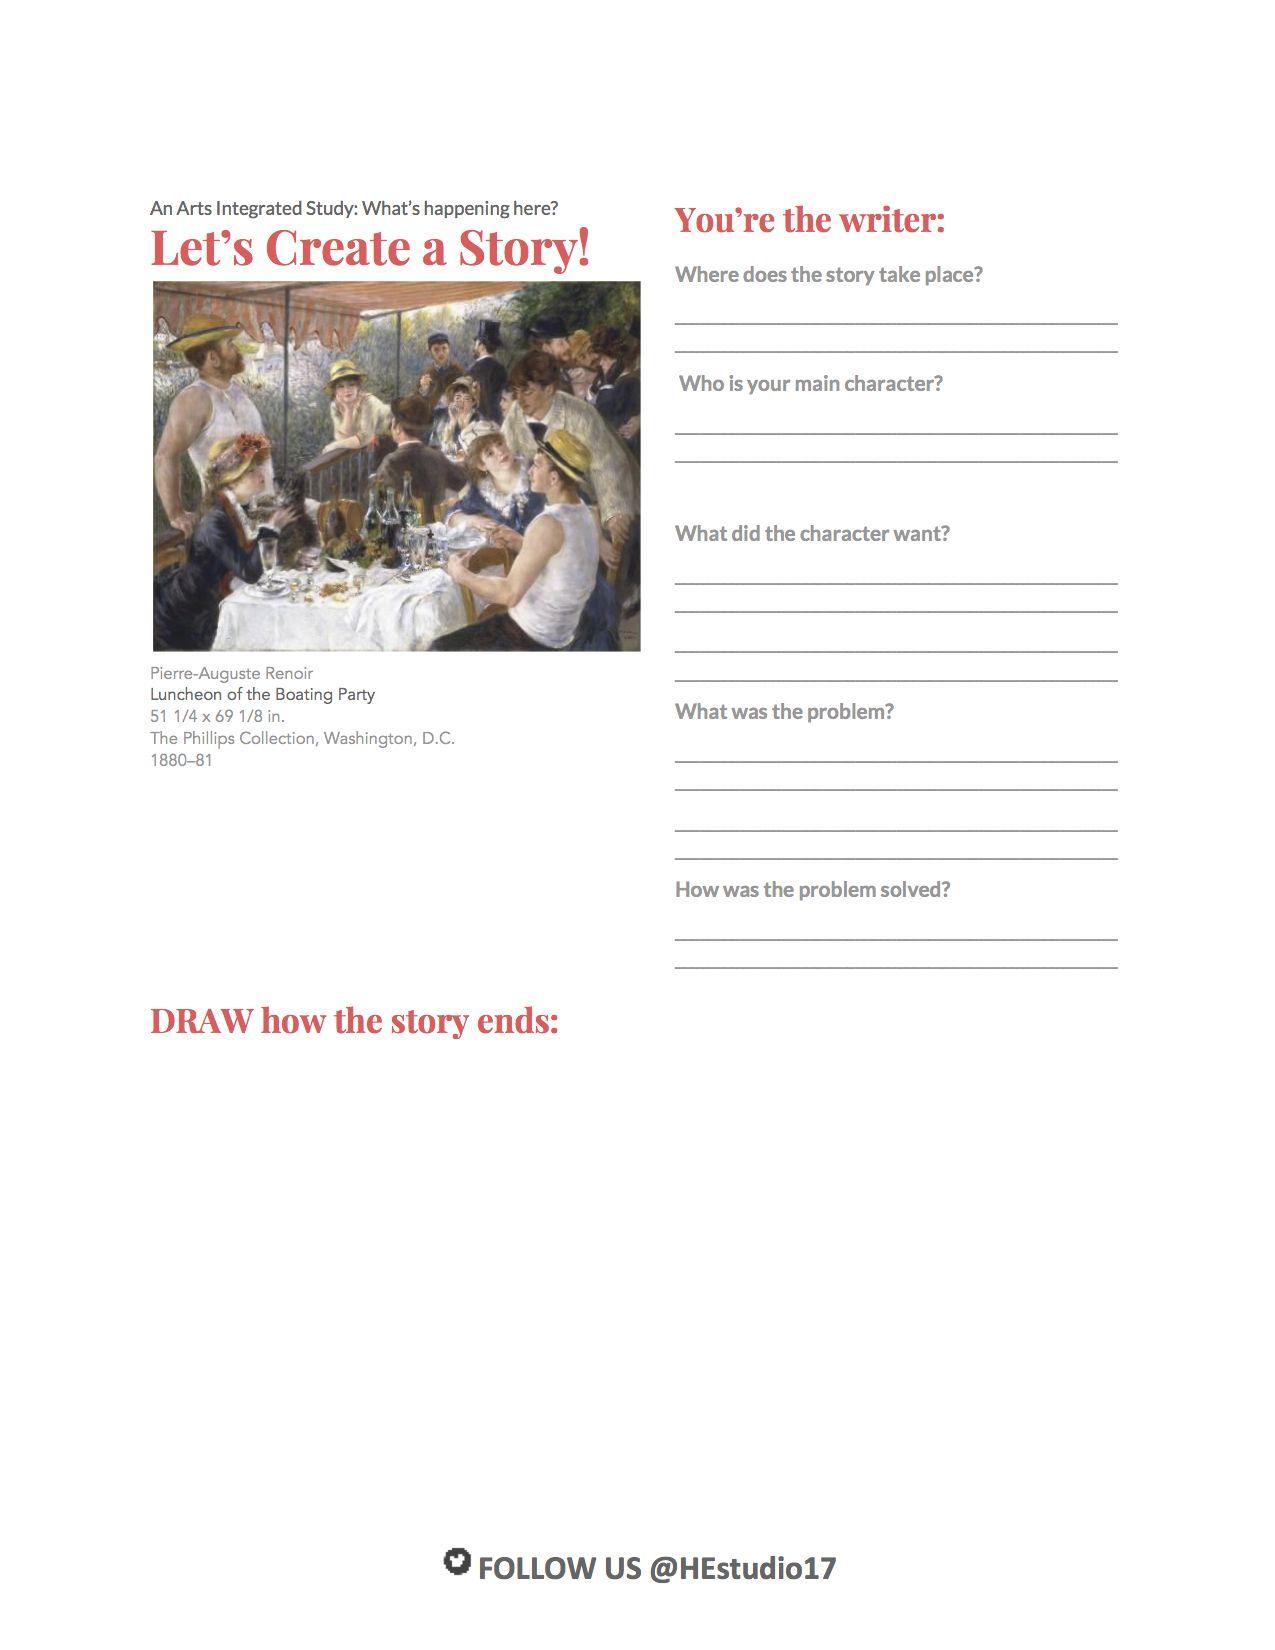 worksheet Integration Worksheet free download heres a great arts integration worksheet i made for my 3rd